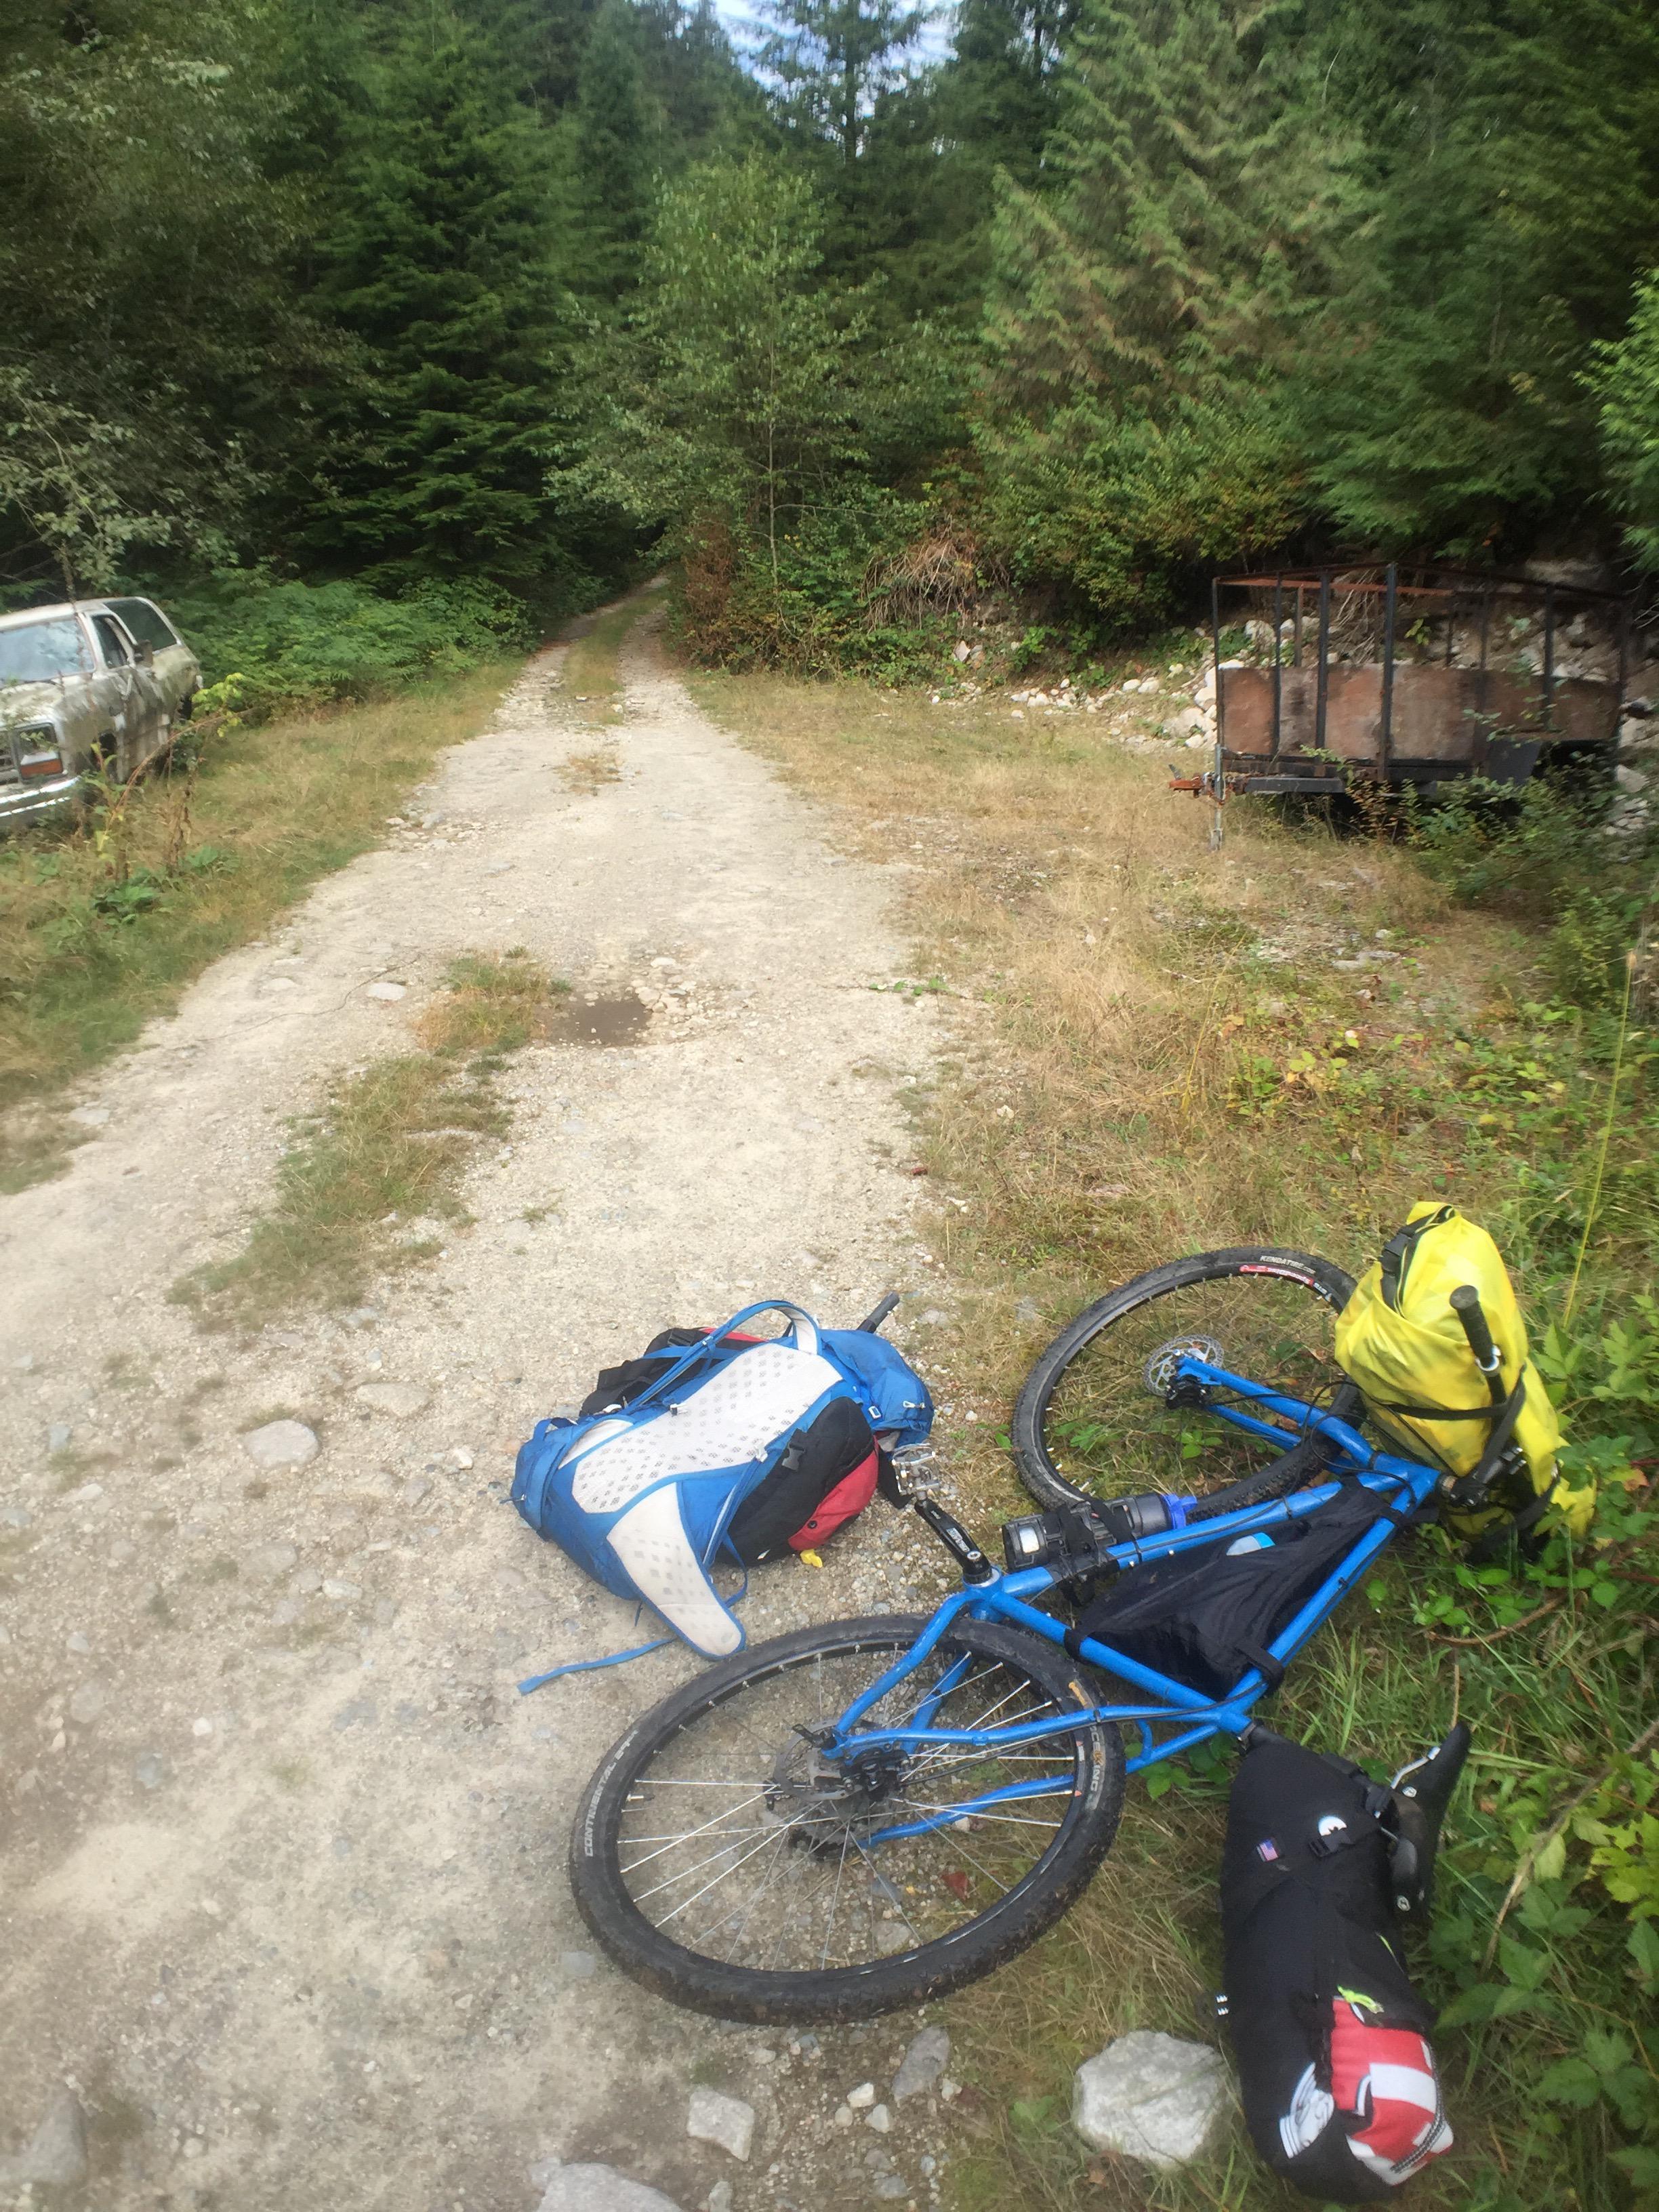 Back on the bike in Buntzen Bay.